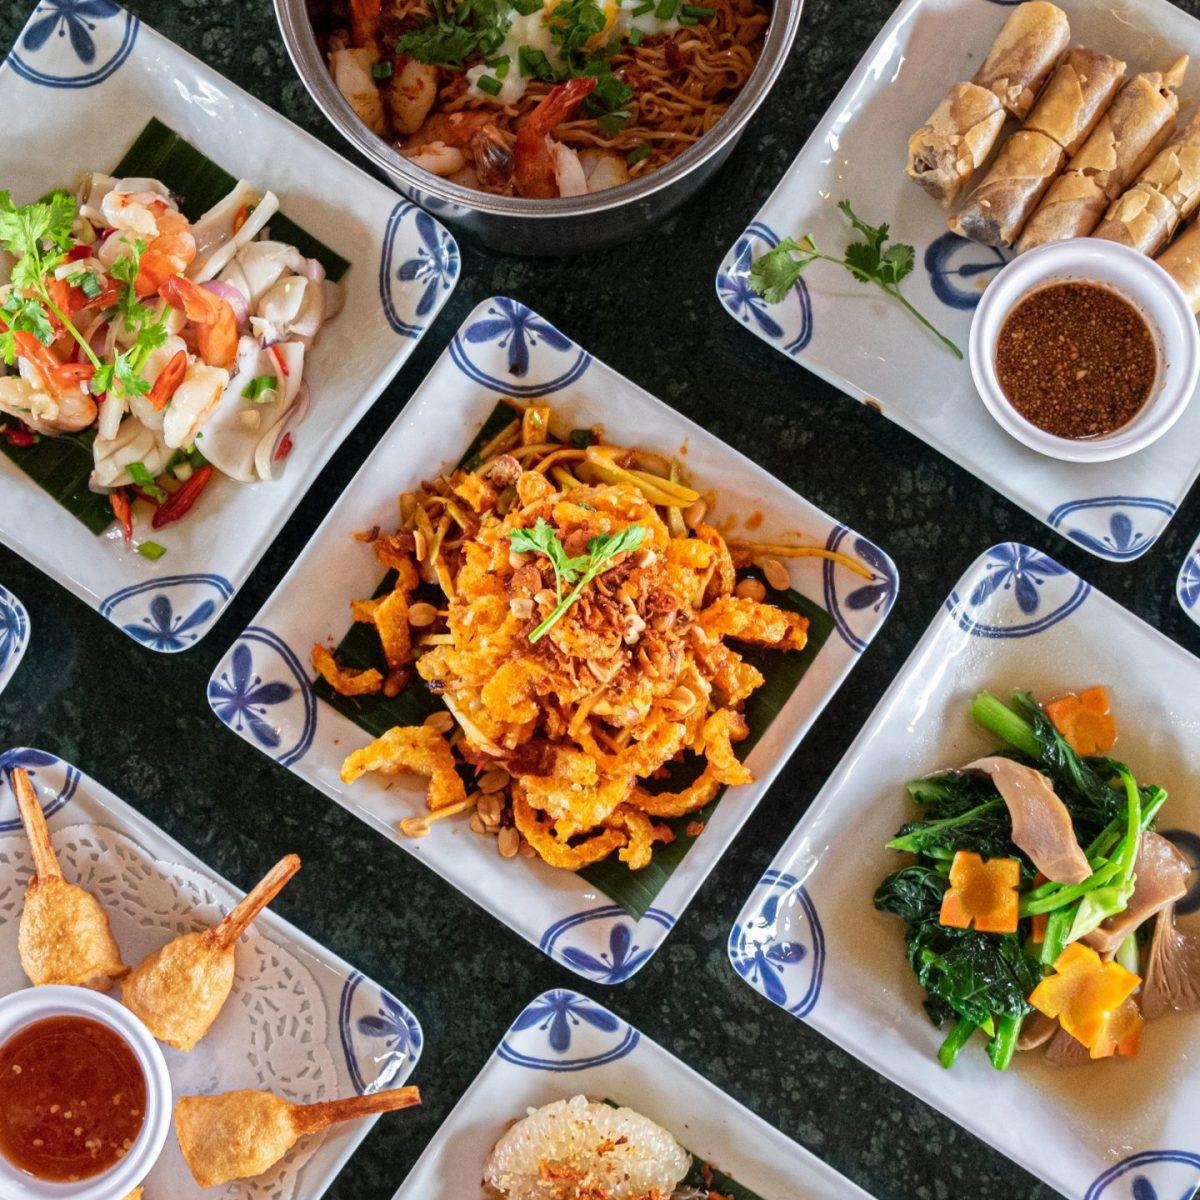 Please Deh! Makanan Thailand Itu Nggak Cuma TomYam!